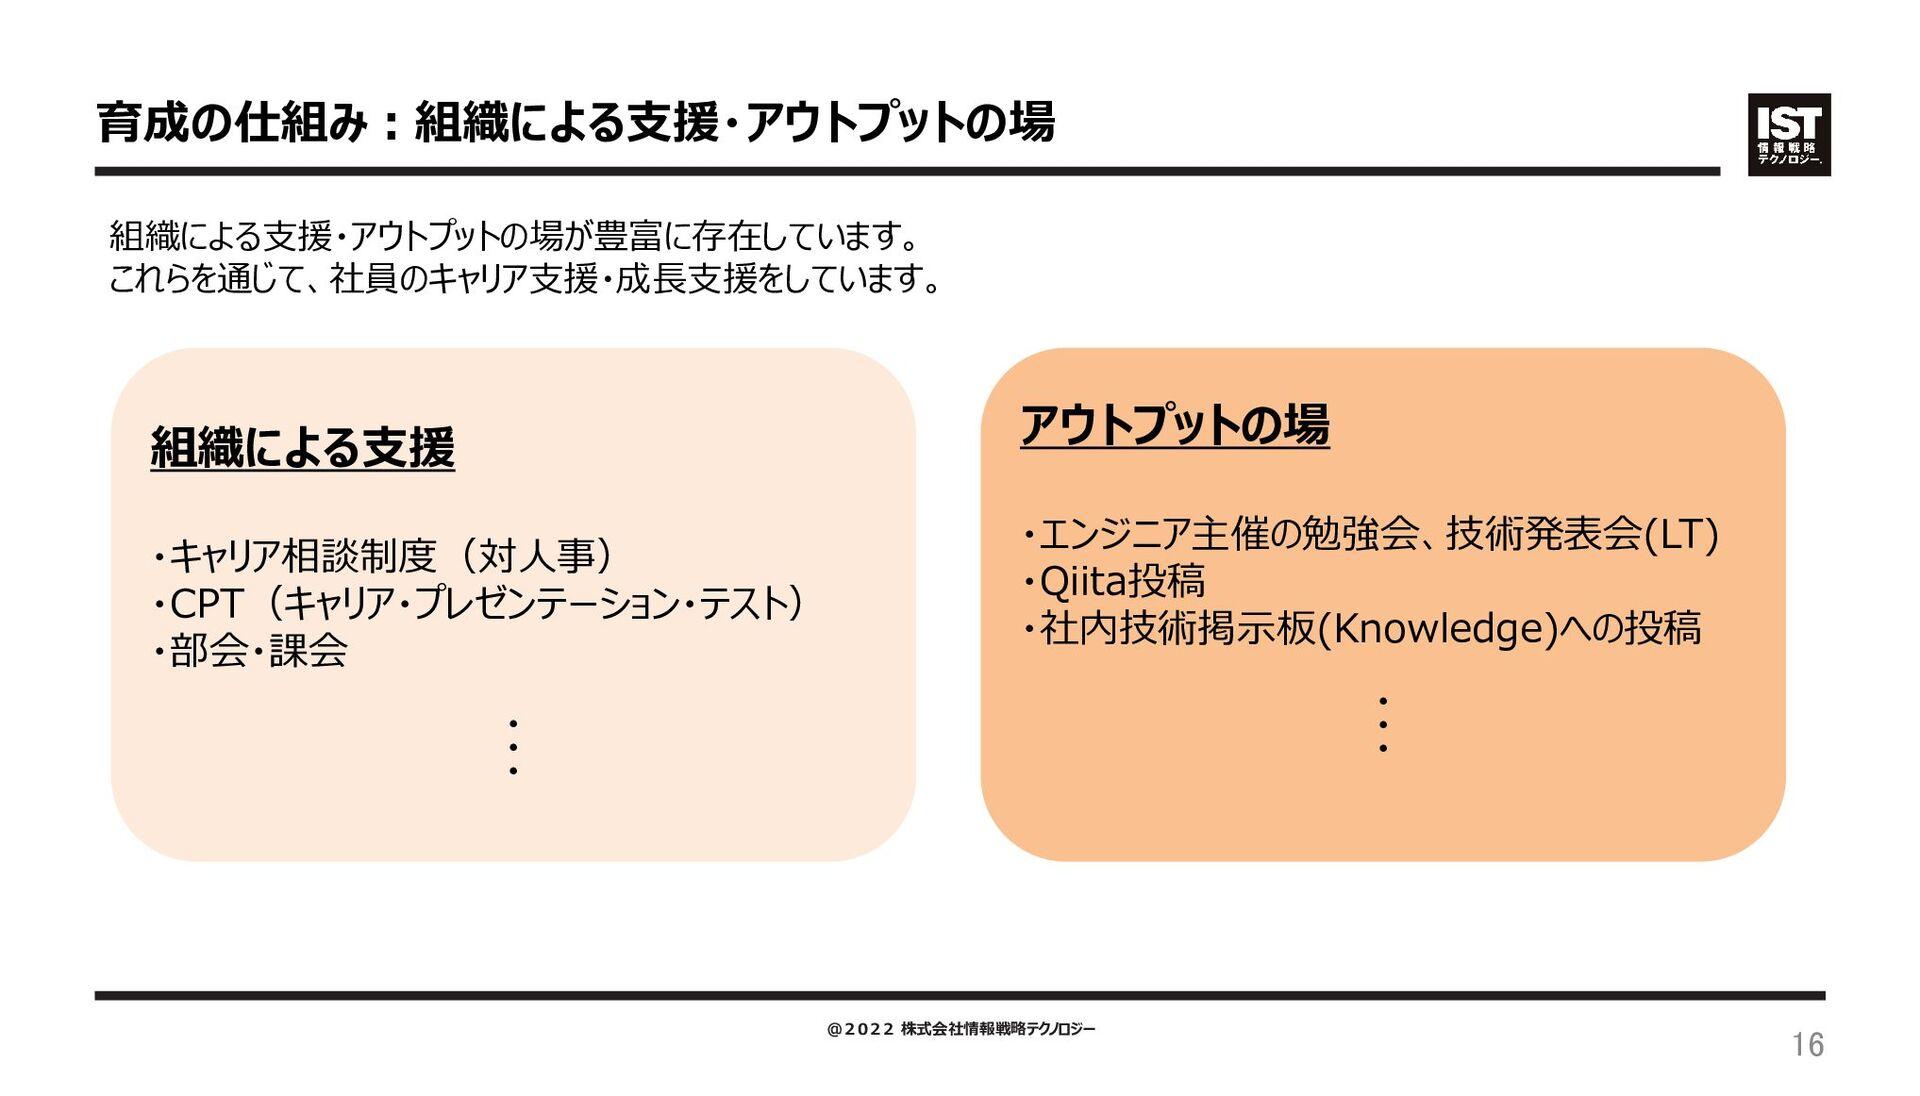 原則、四半期ごとに等級が1ずつ上がる仕組みになっており、 PMは1年で月給が4万円、PLは月給...